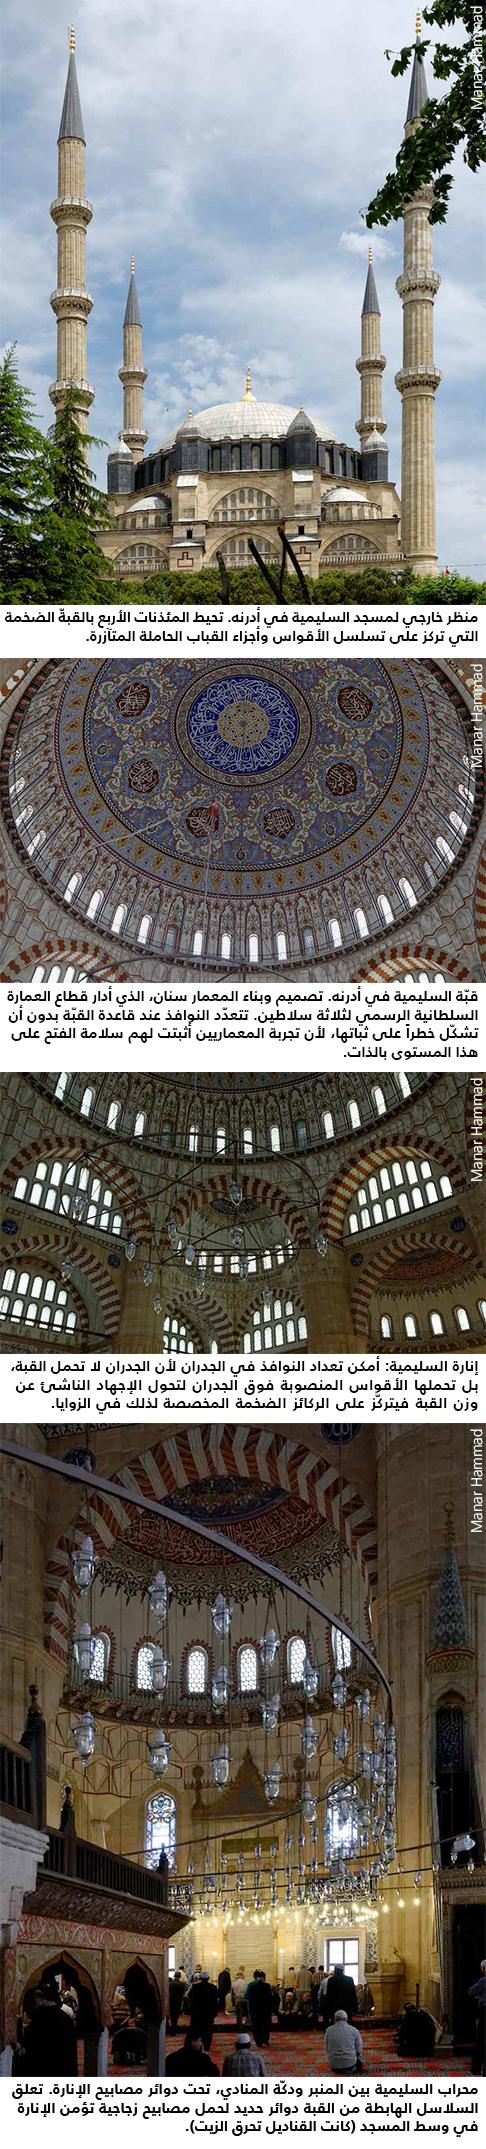 مسجد السليمية في أدرنه (تركيا)